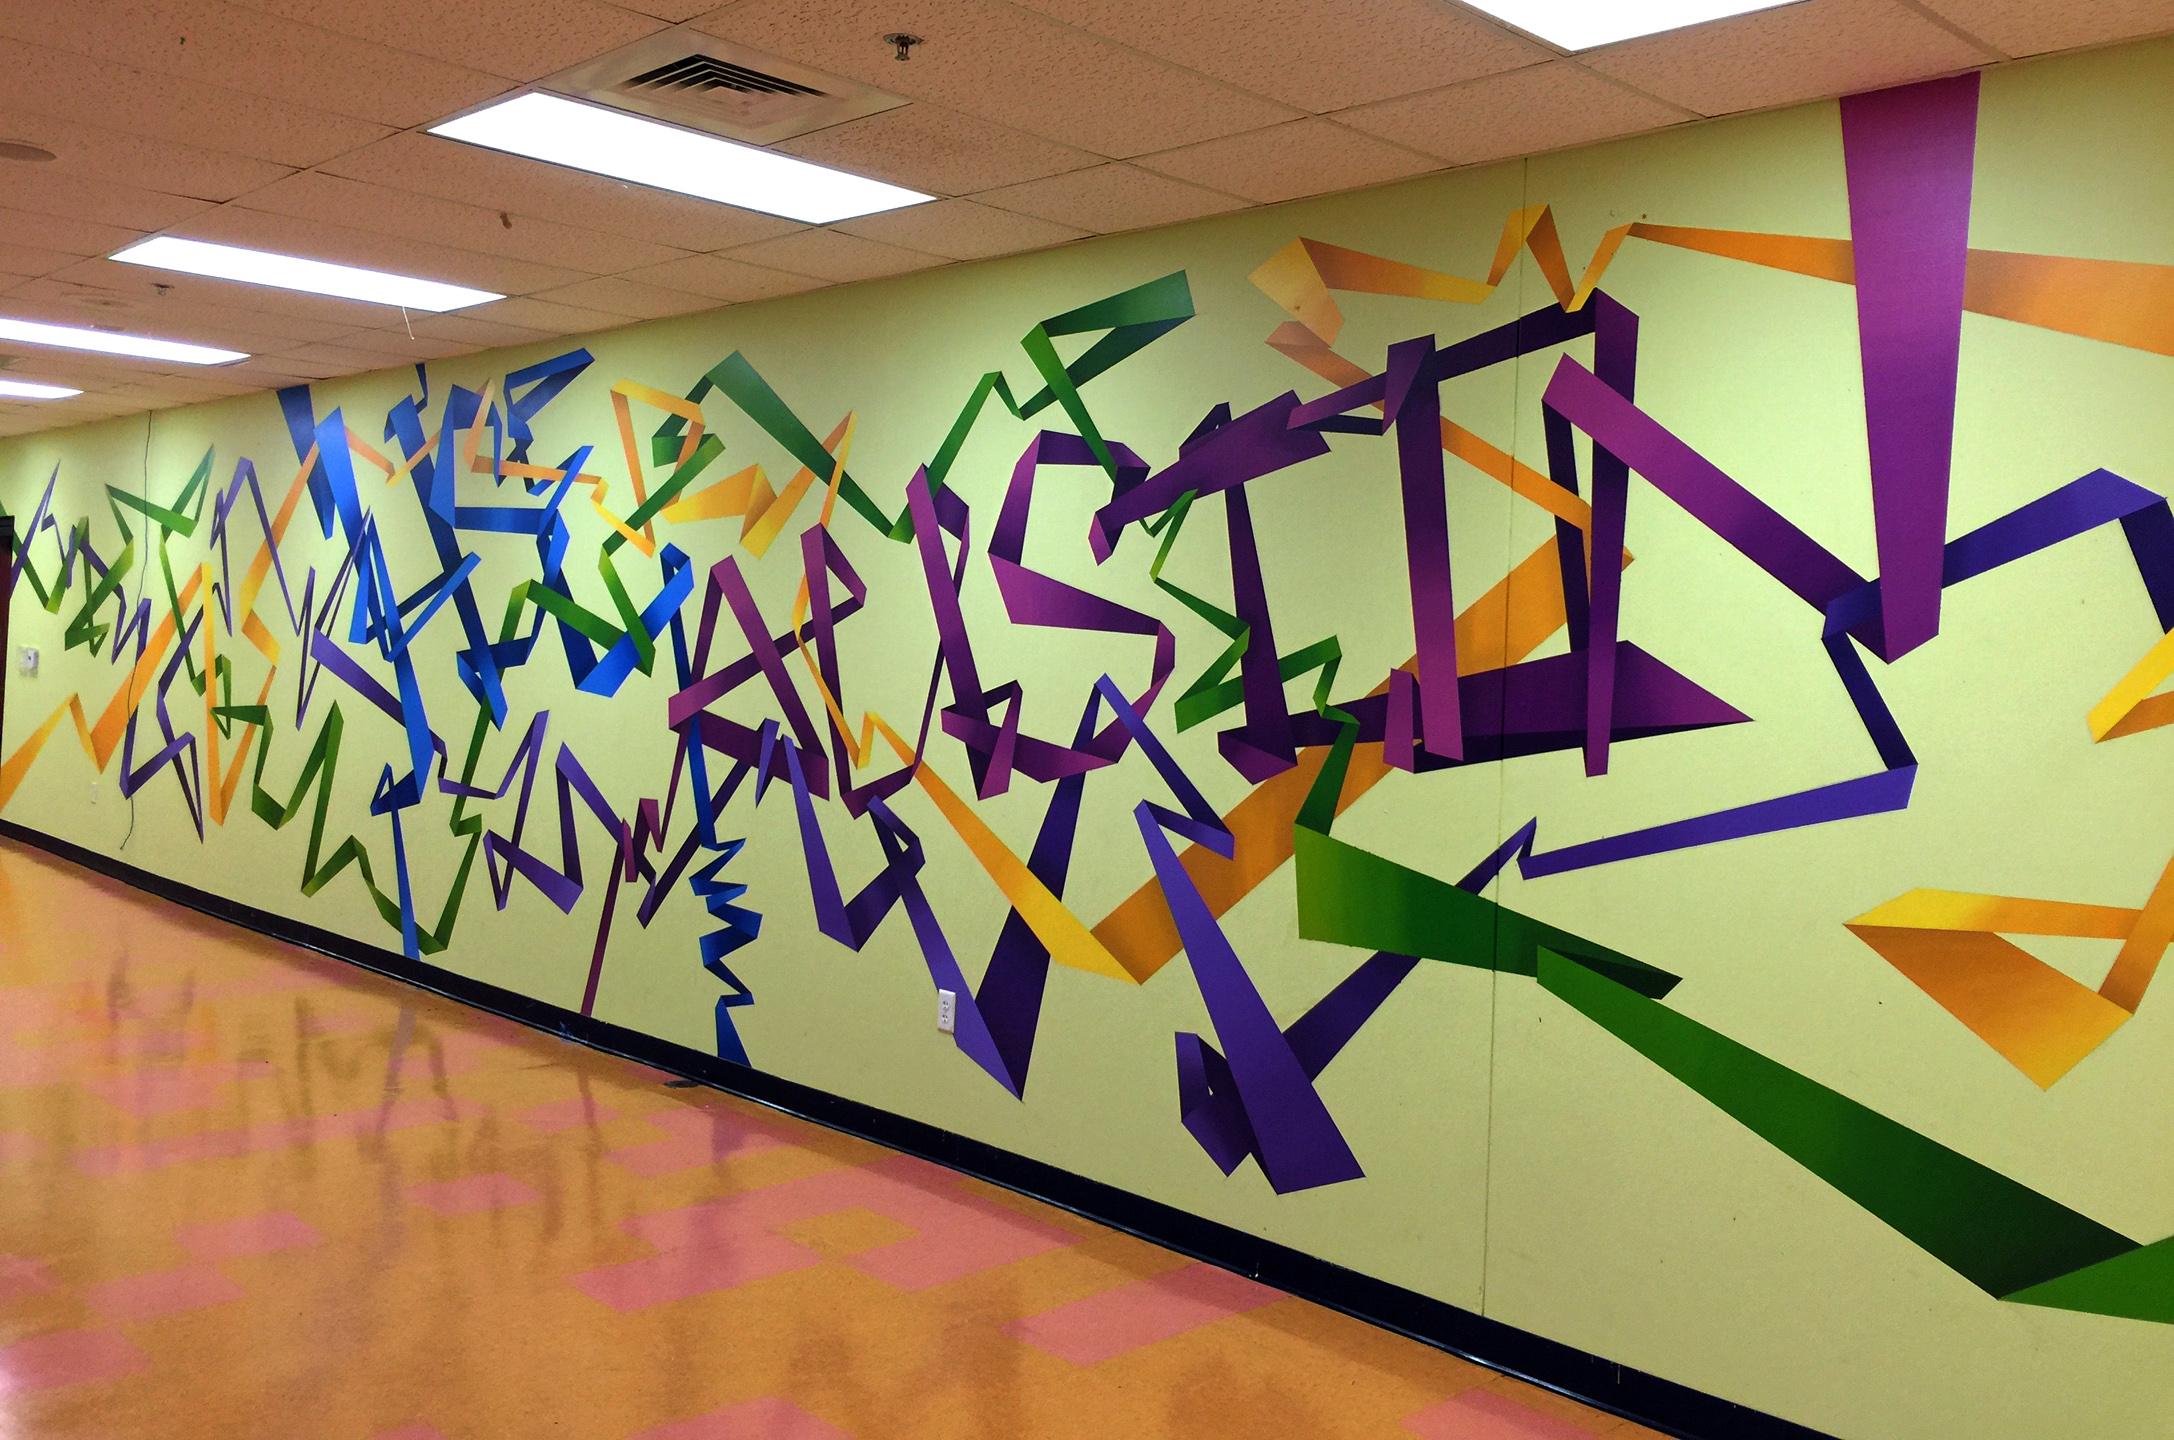 hse_mural_wide_4.jpg